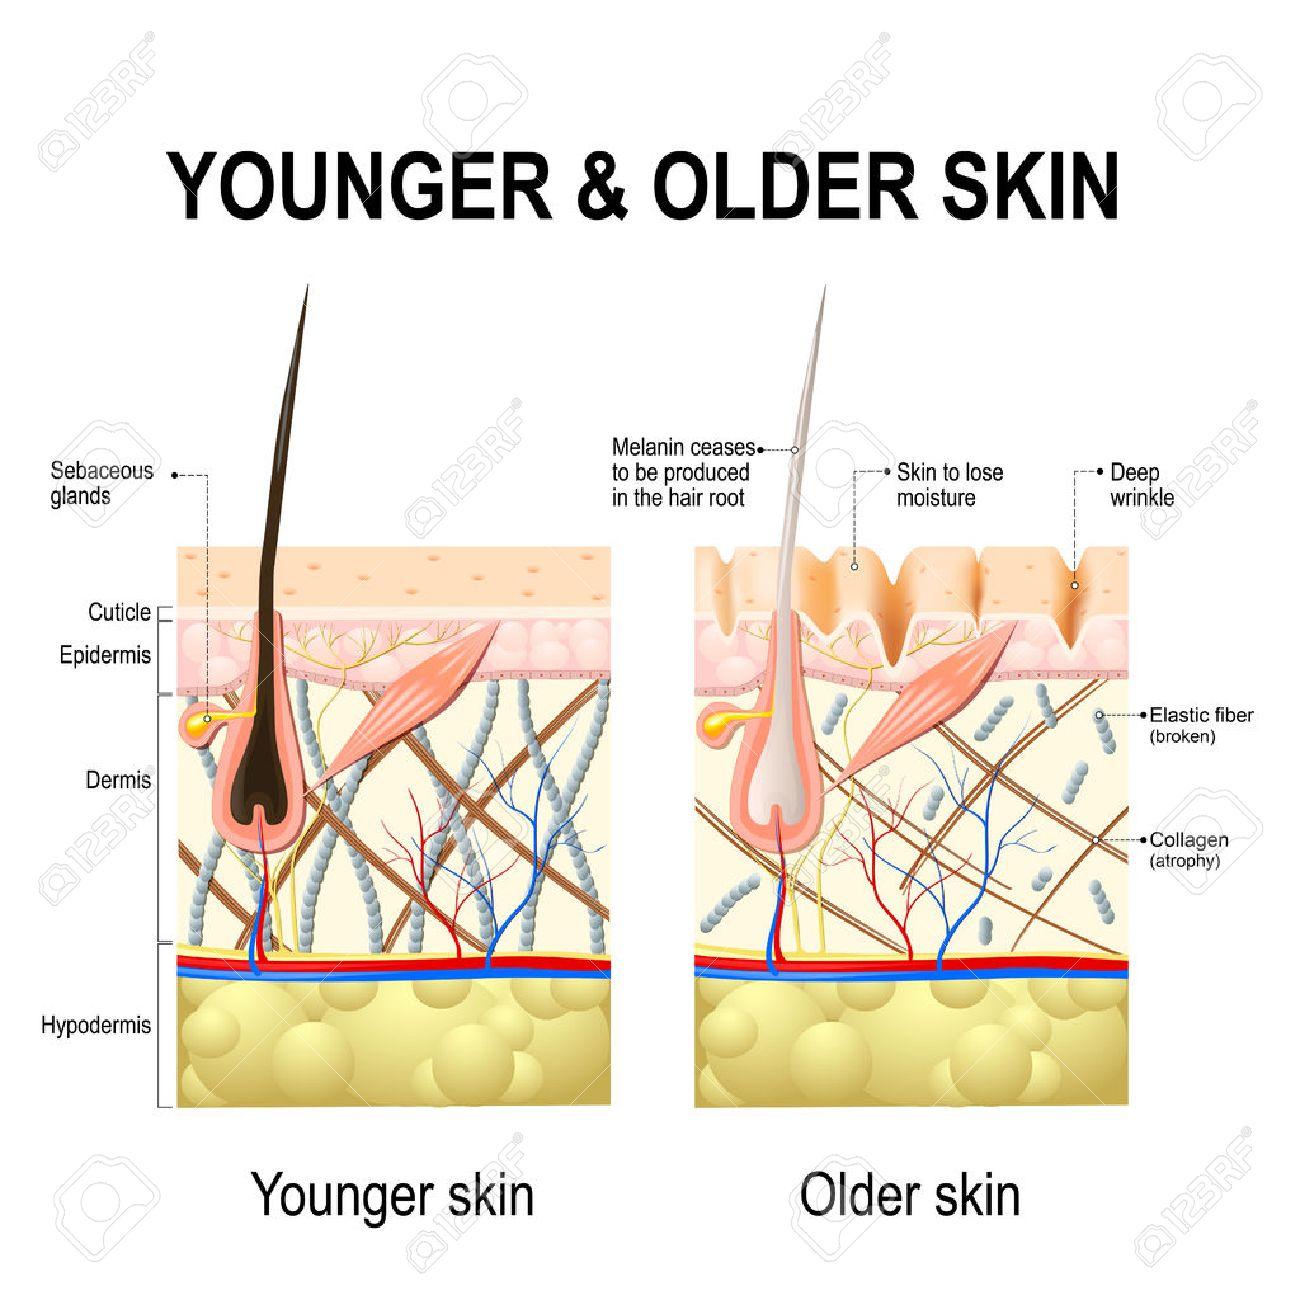 Cambios En La Piel Humana O Envejecimiento De La Piel. Un Diagrama ...